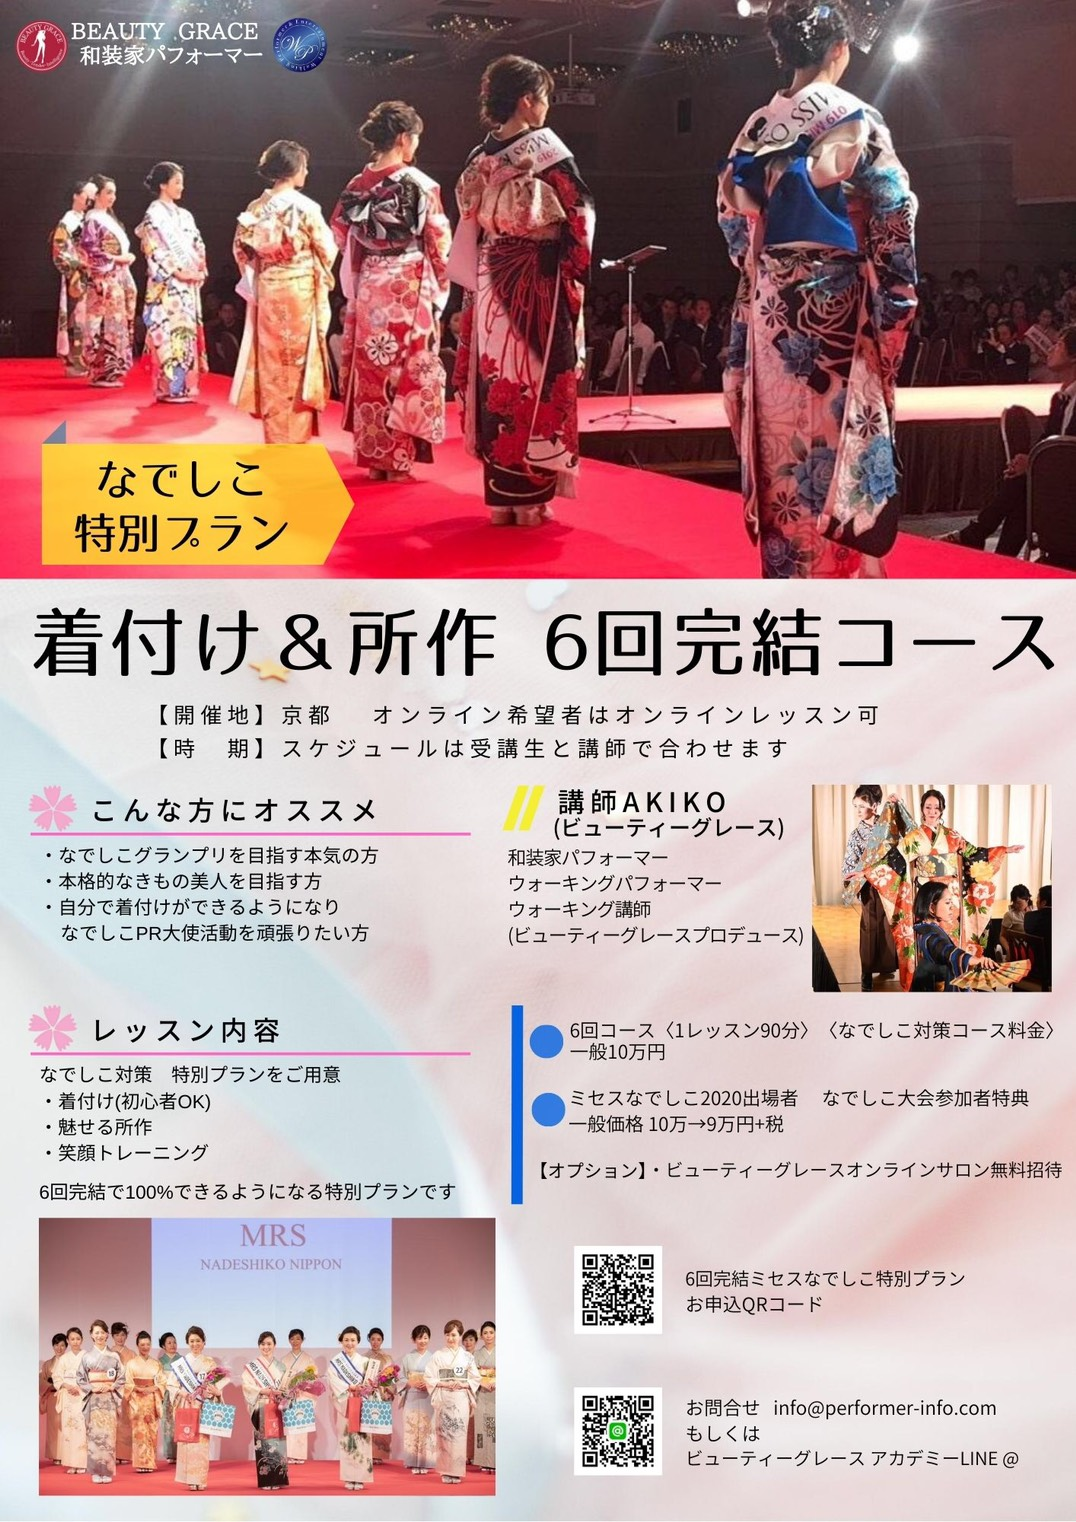 【京都開催】着付&所作 6回完結コース/ミス・ミセスなでしこ日本特別プラン